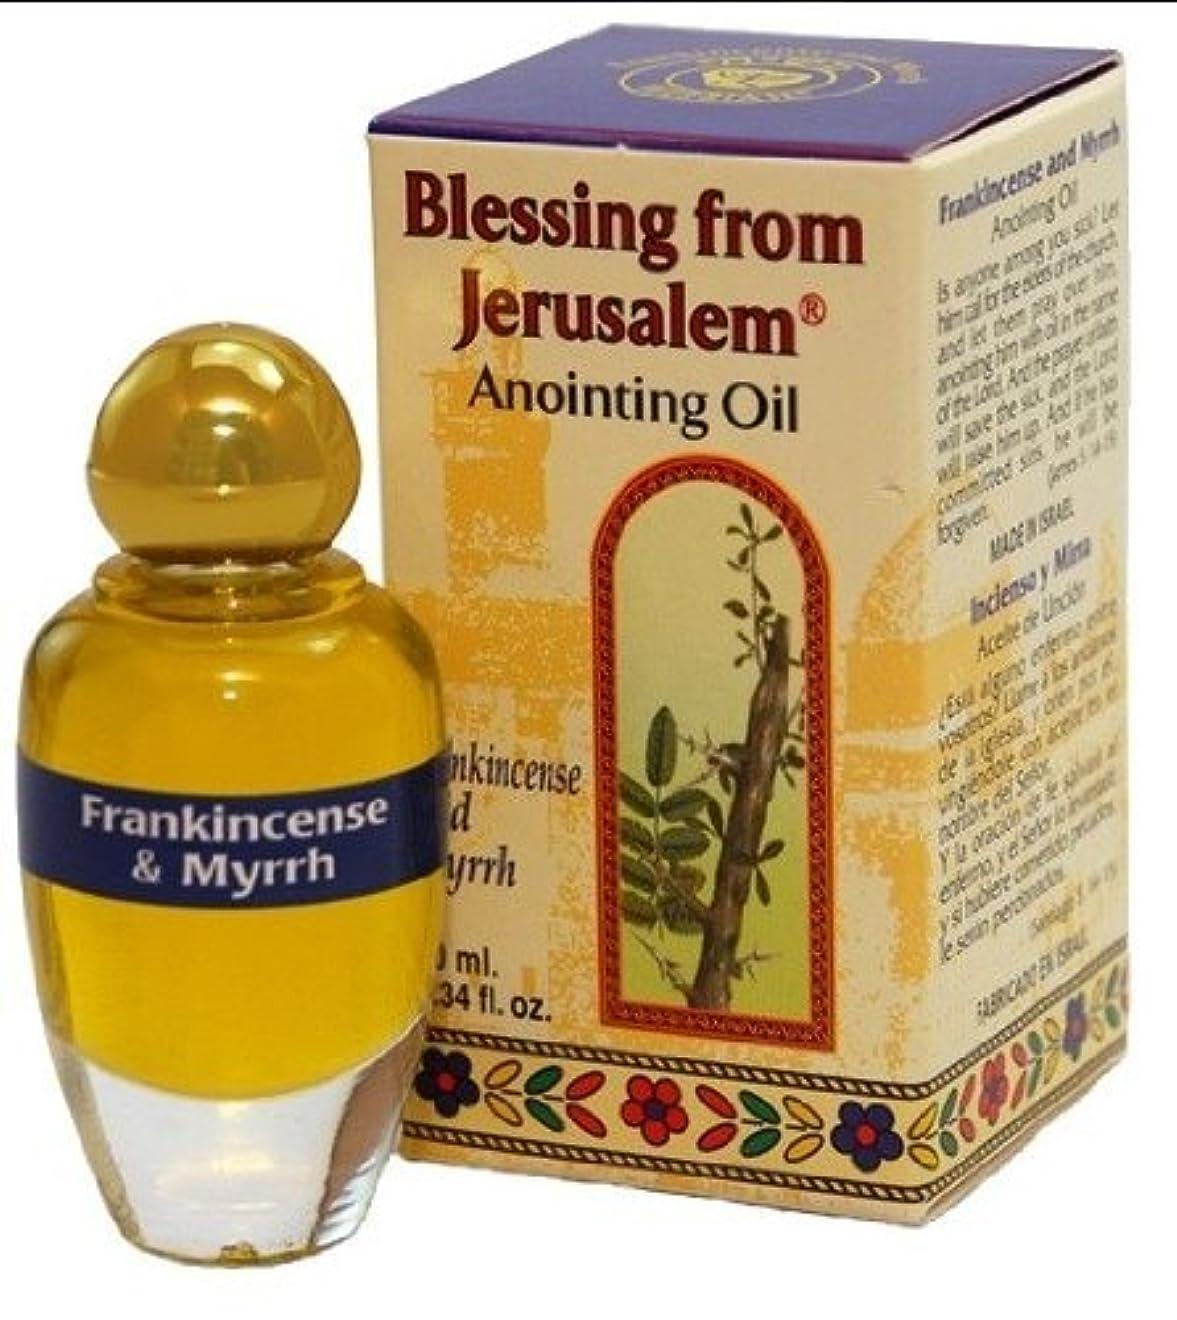 無意味歩き回る先にFrankincense and MyrrhエルサレムAnointingオイル0.34 FLオンスからThe Land of the Bible byベツレヘムギフトTM